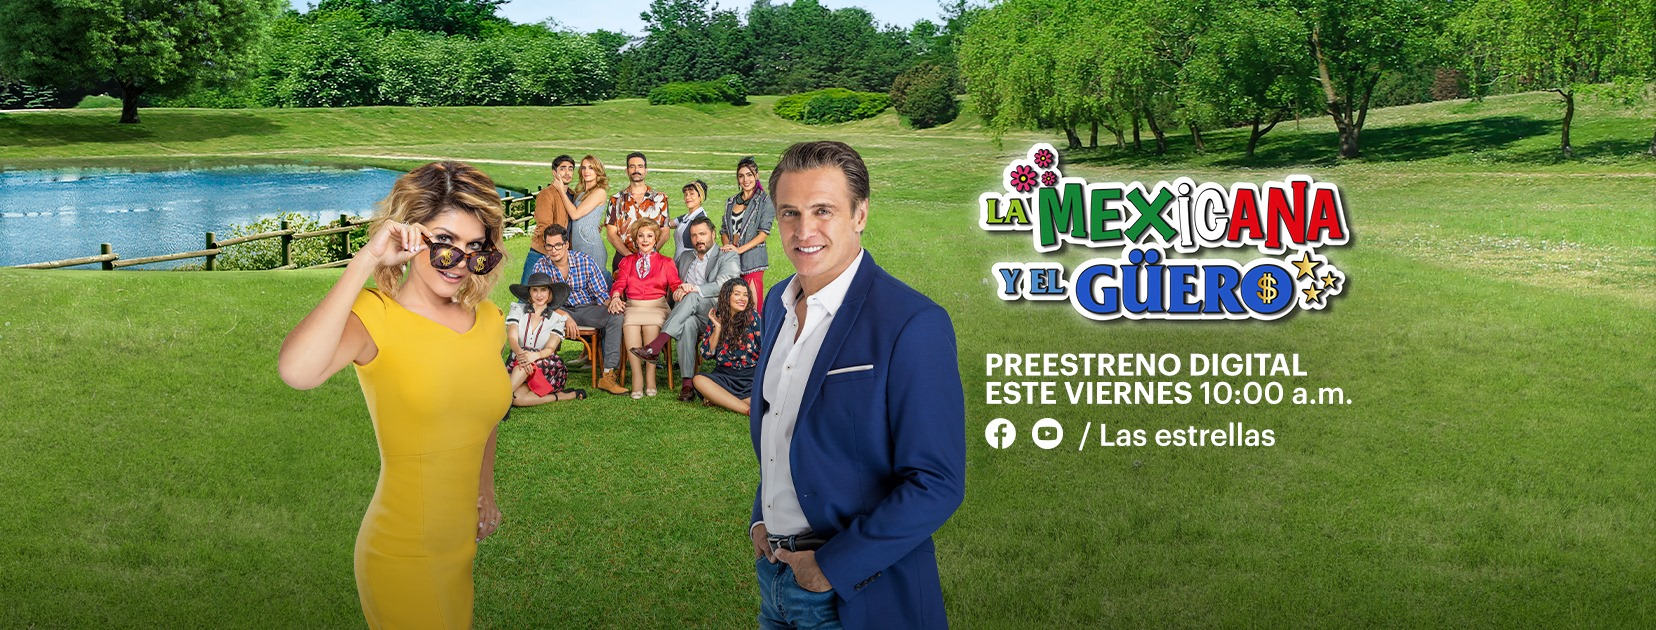 """La Mexicana y el Güero"""" tendrá preestreno digital de sus 3 primeros capítulos completos este viernes 14 de agosto"""